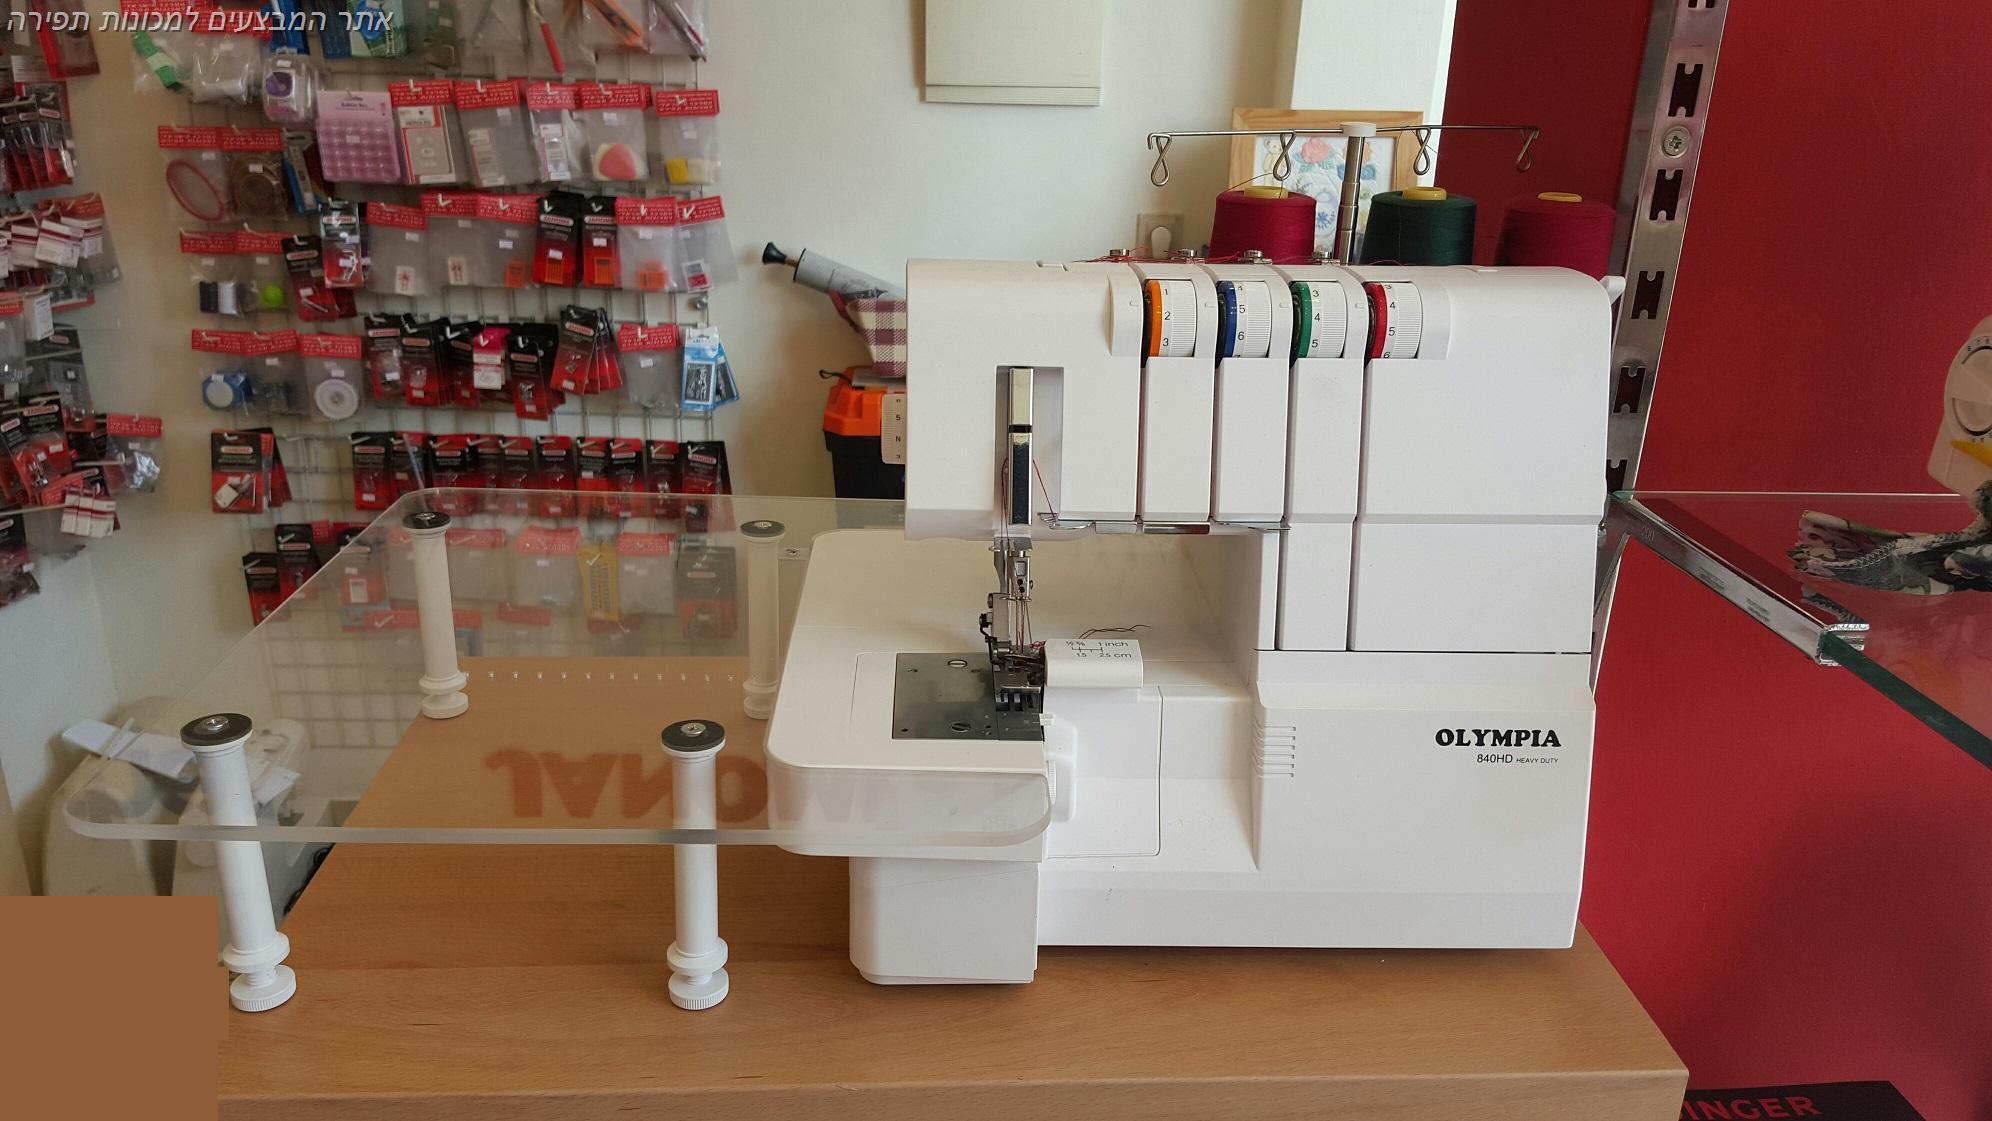 אוברלוק מקצועי תוצרת אולימפיה דגם 840HD -  Heavy Duty - במבצע!